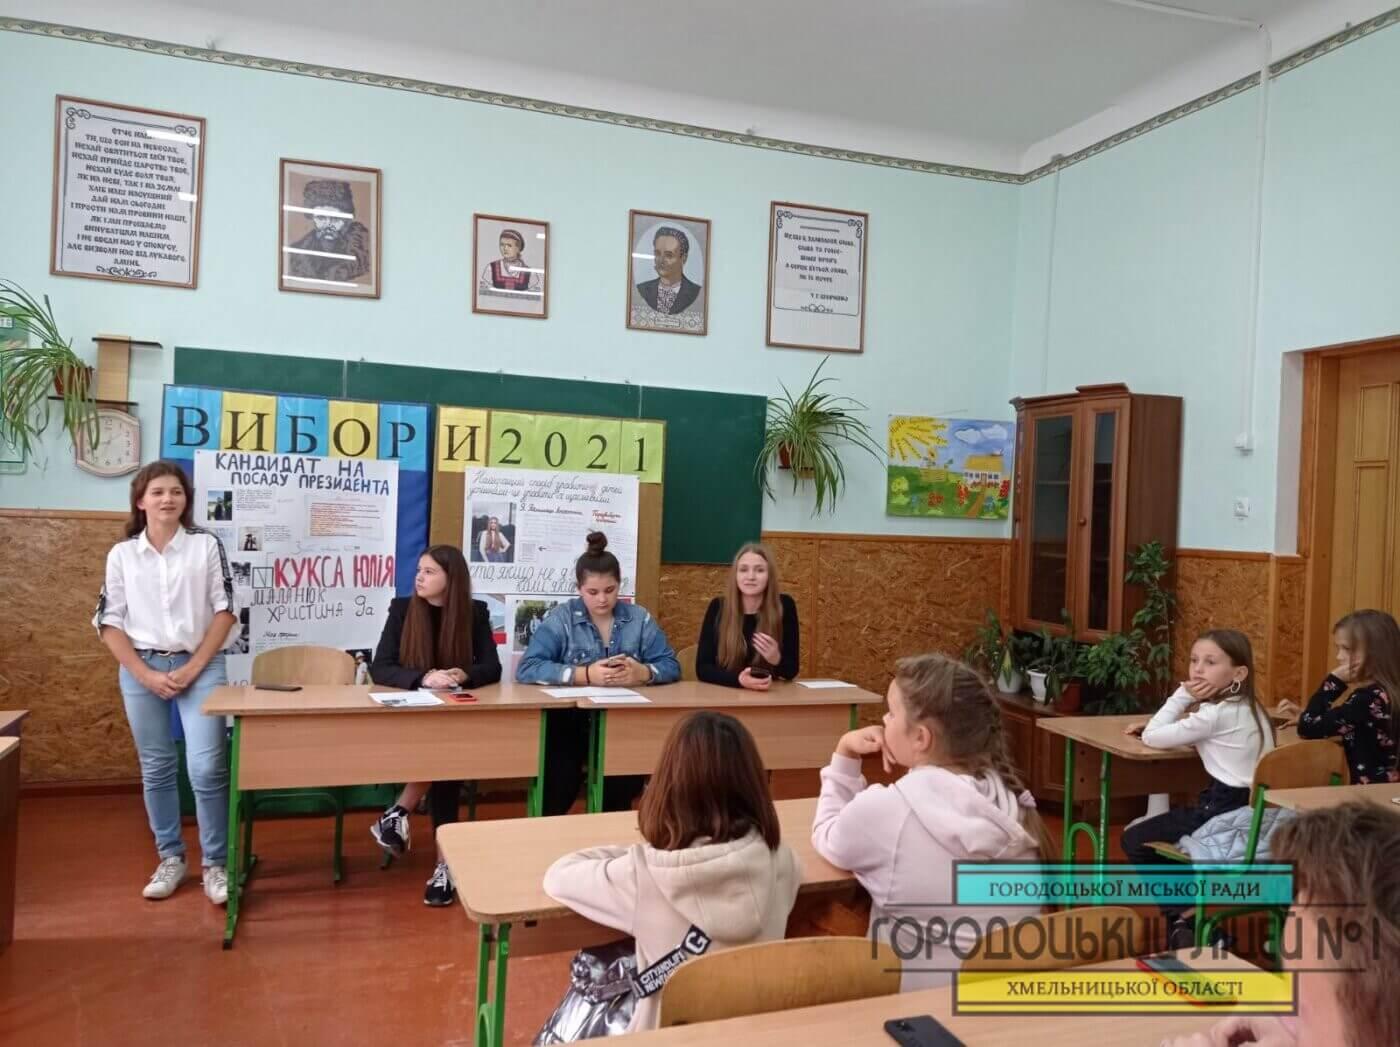 zobrazhennya viber 2021 09 20 16 35 28 953 1400x1047 - Дебати кандидатів на пост президентаучнівського самоврядування